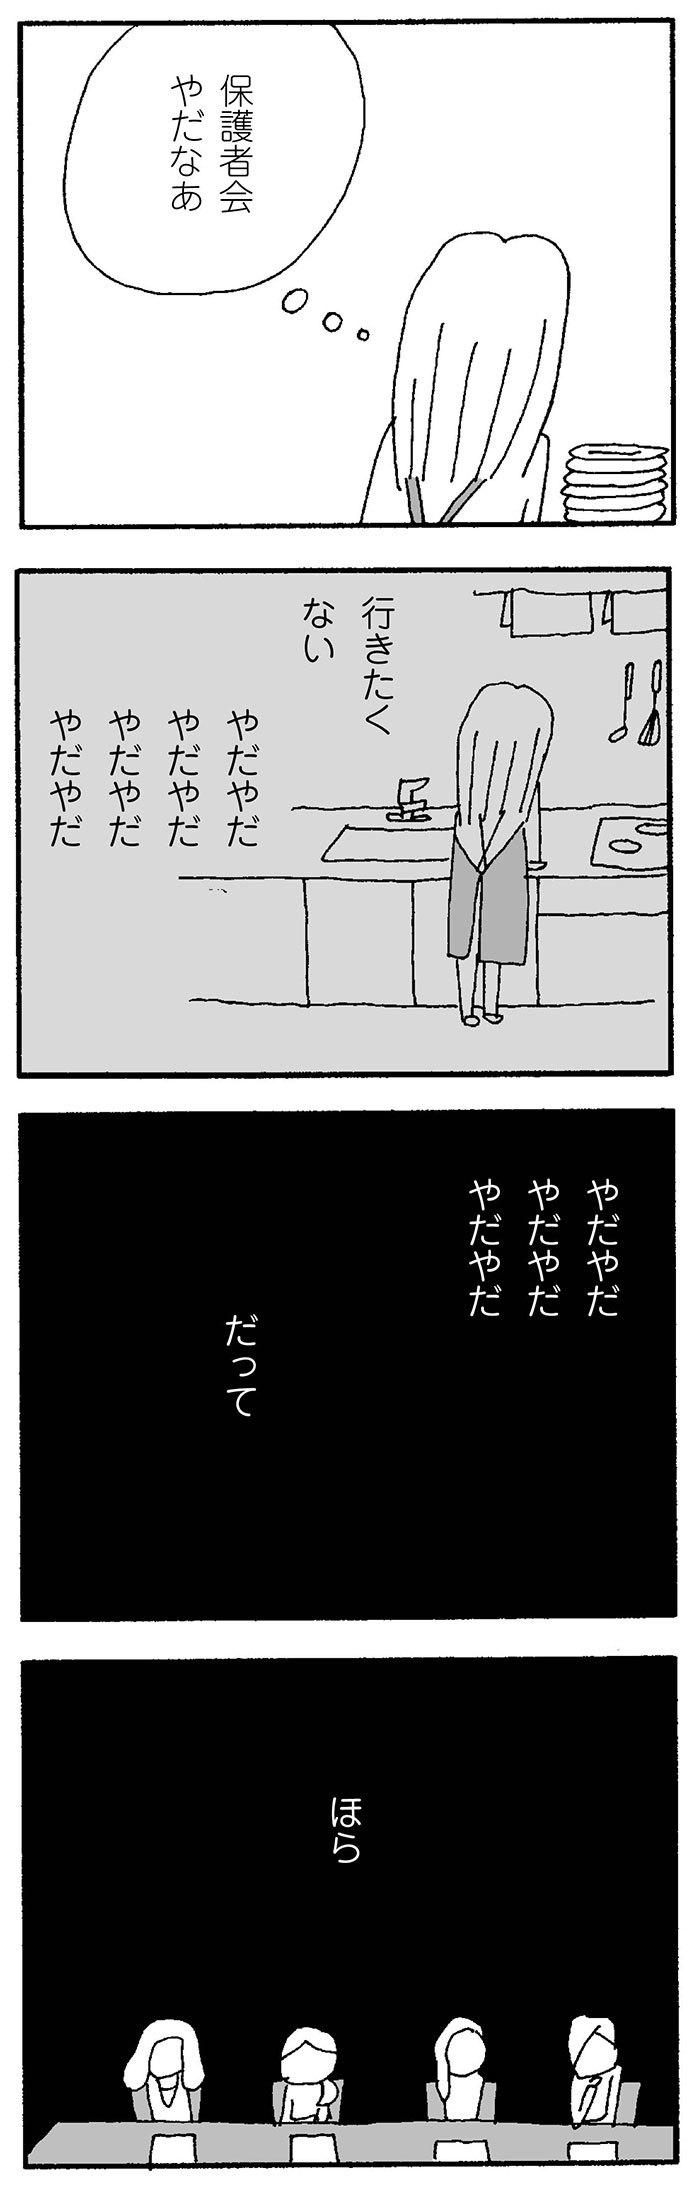 【連載】ママ友がこわい 第2話 「あの人がこんなにいじわるな人間だって私は見抜けなかった」の画像16